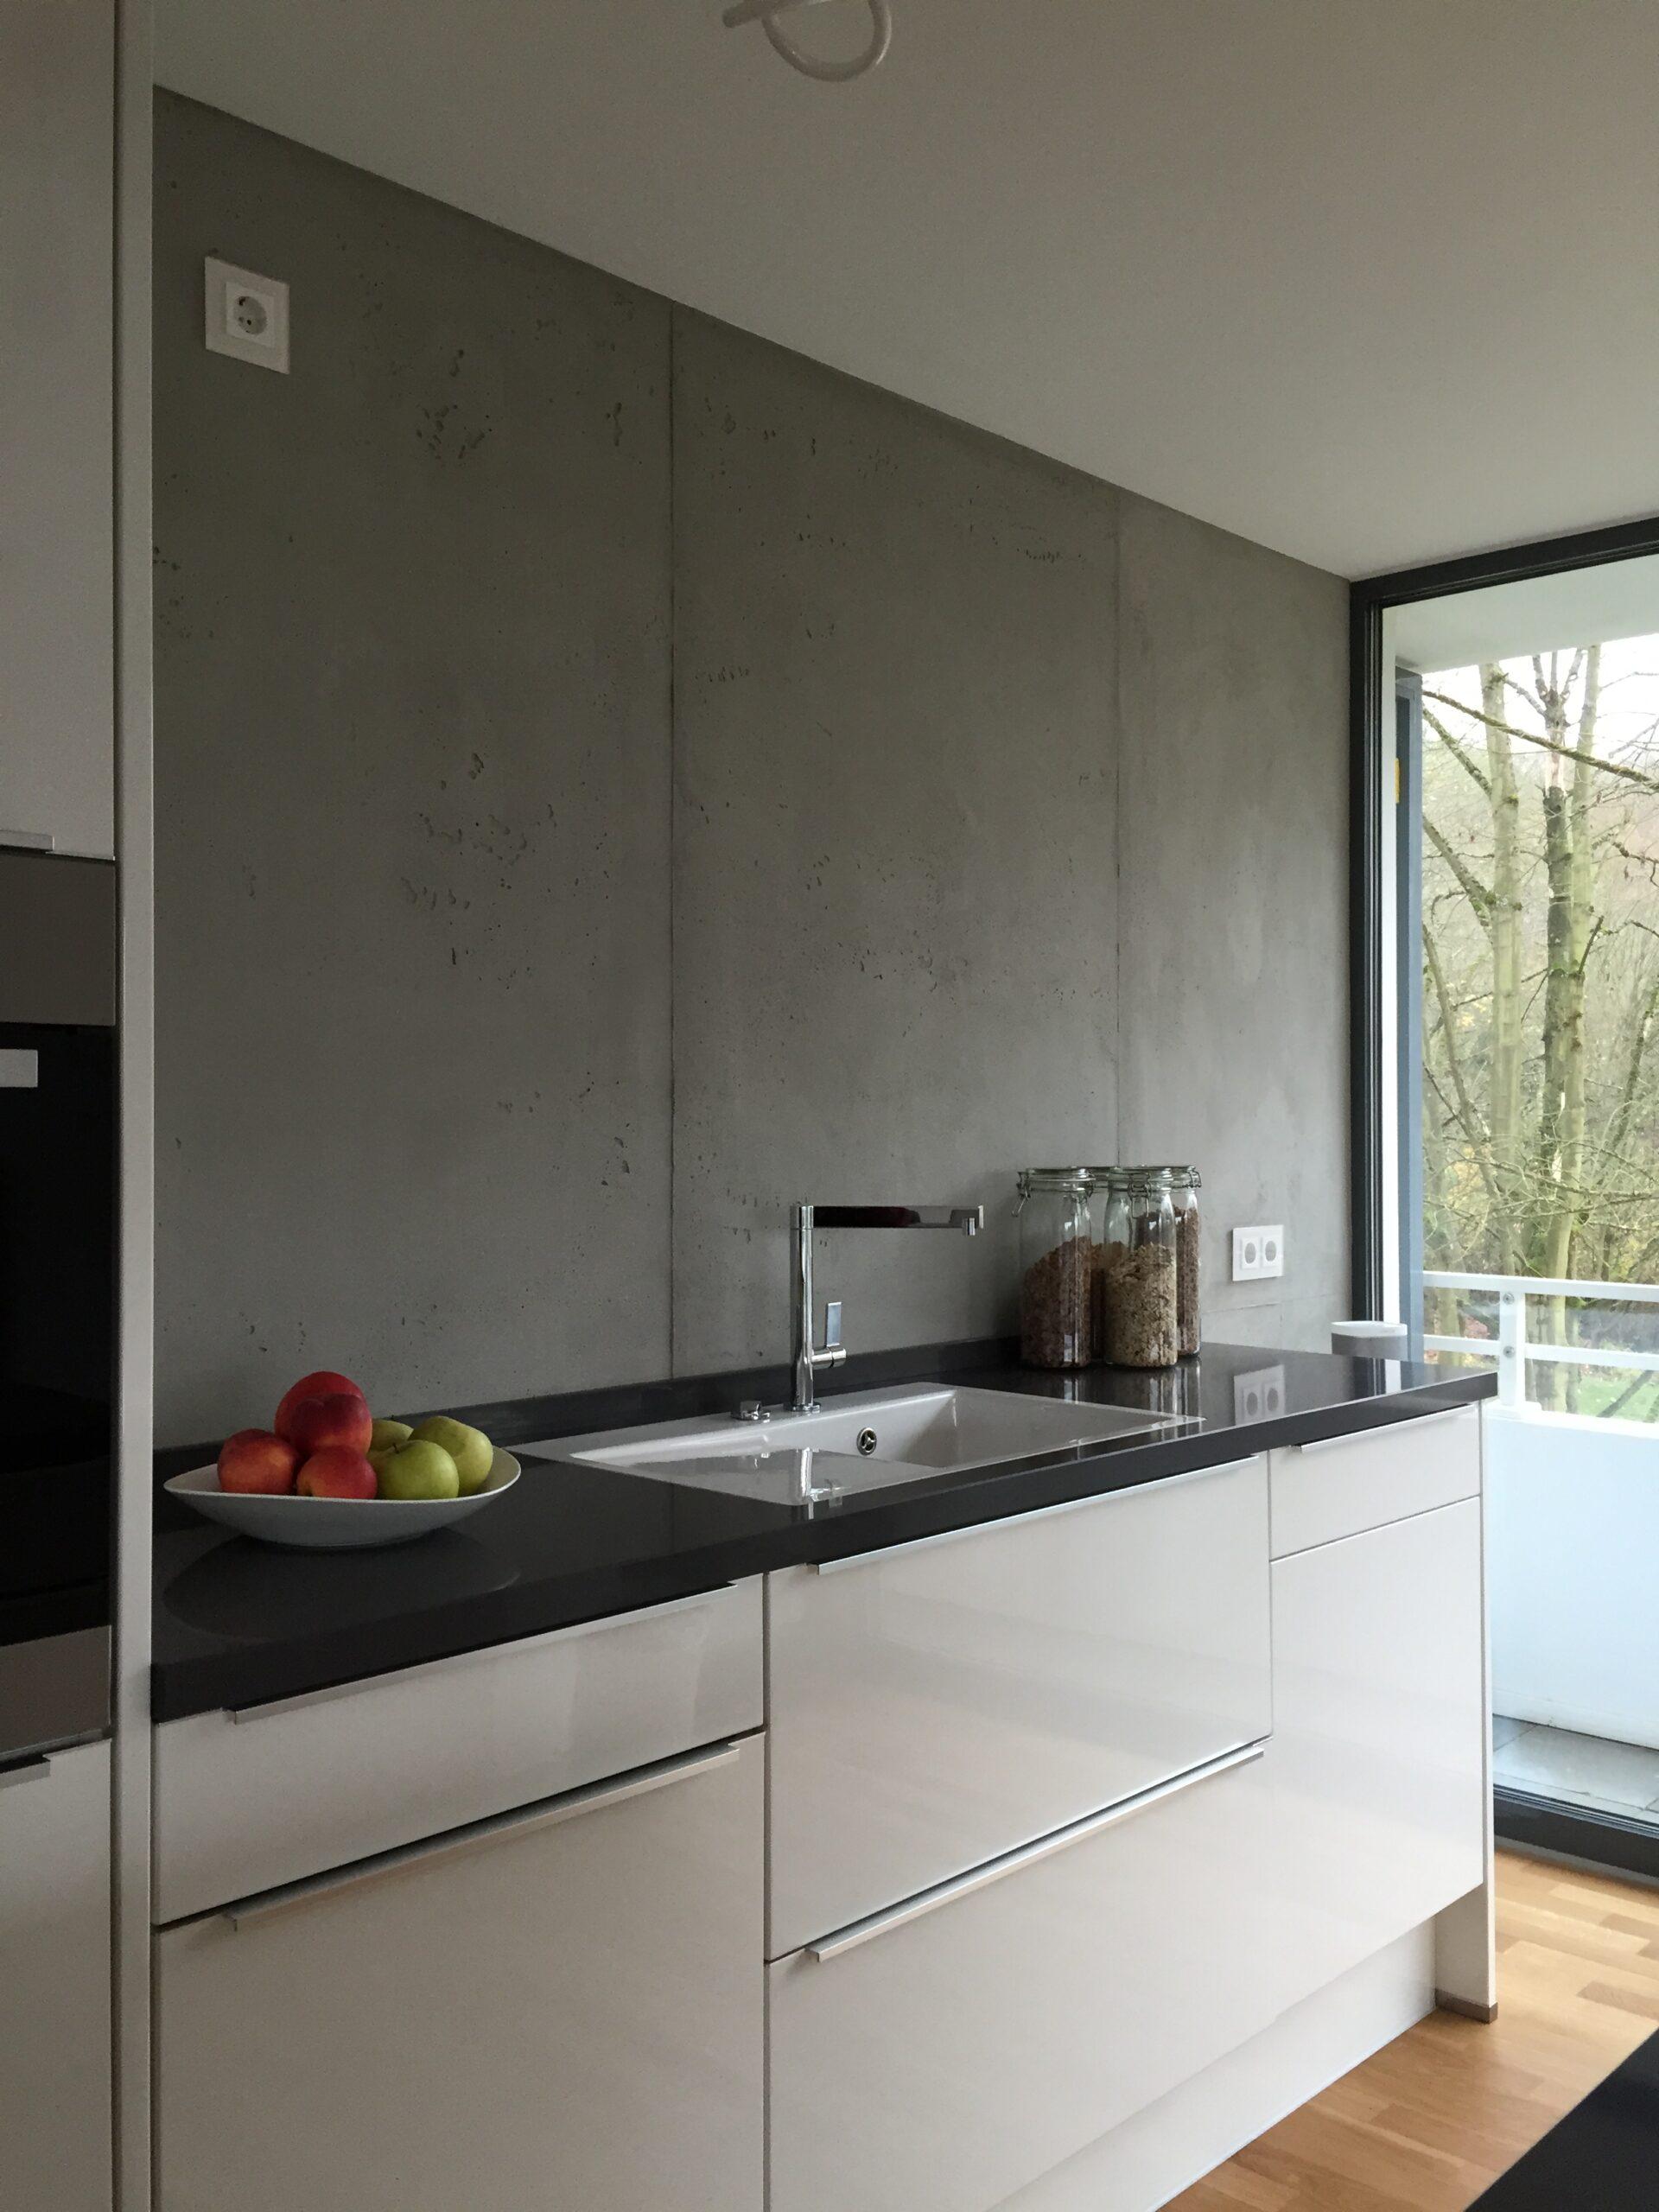 Full Size of Küchen Regal Fliesenspiegel Küche Glas Selber Machen Wohnzimmer Küchen Fliesenspiegel